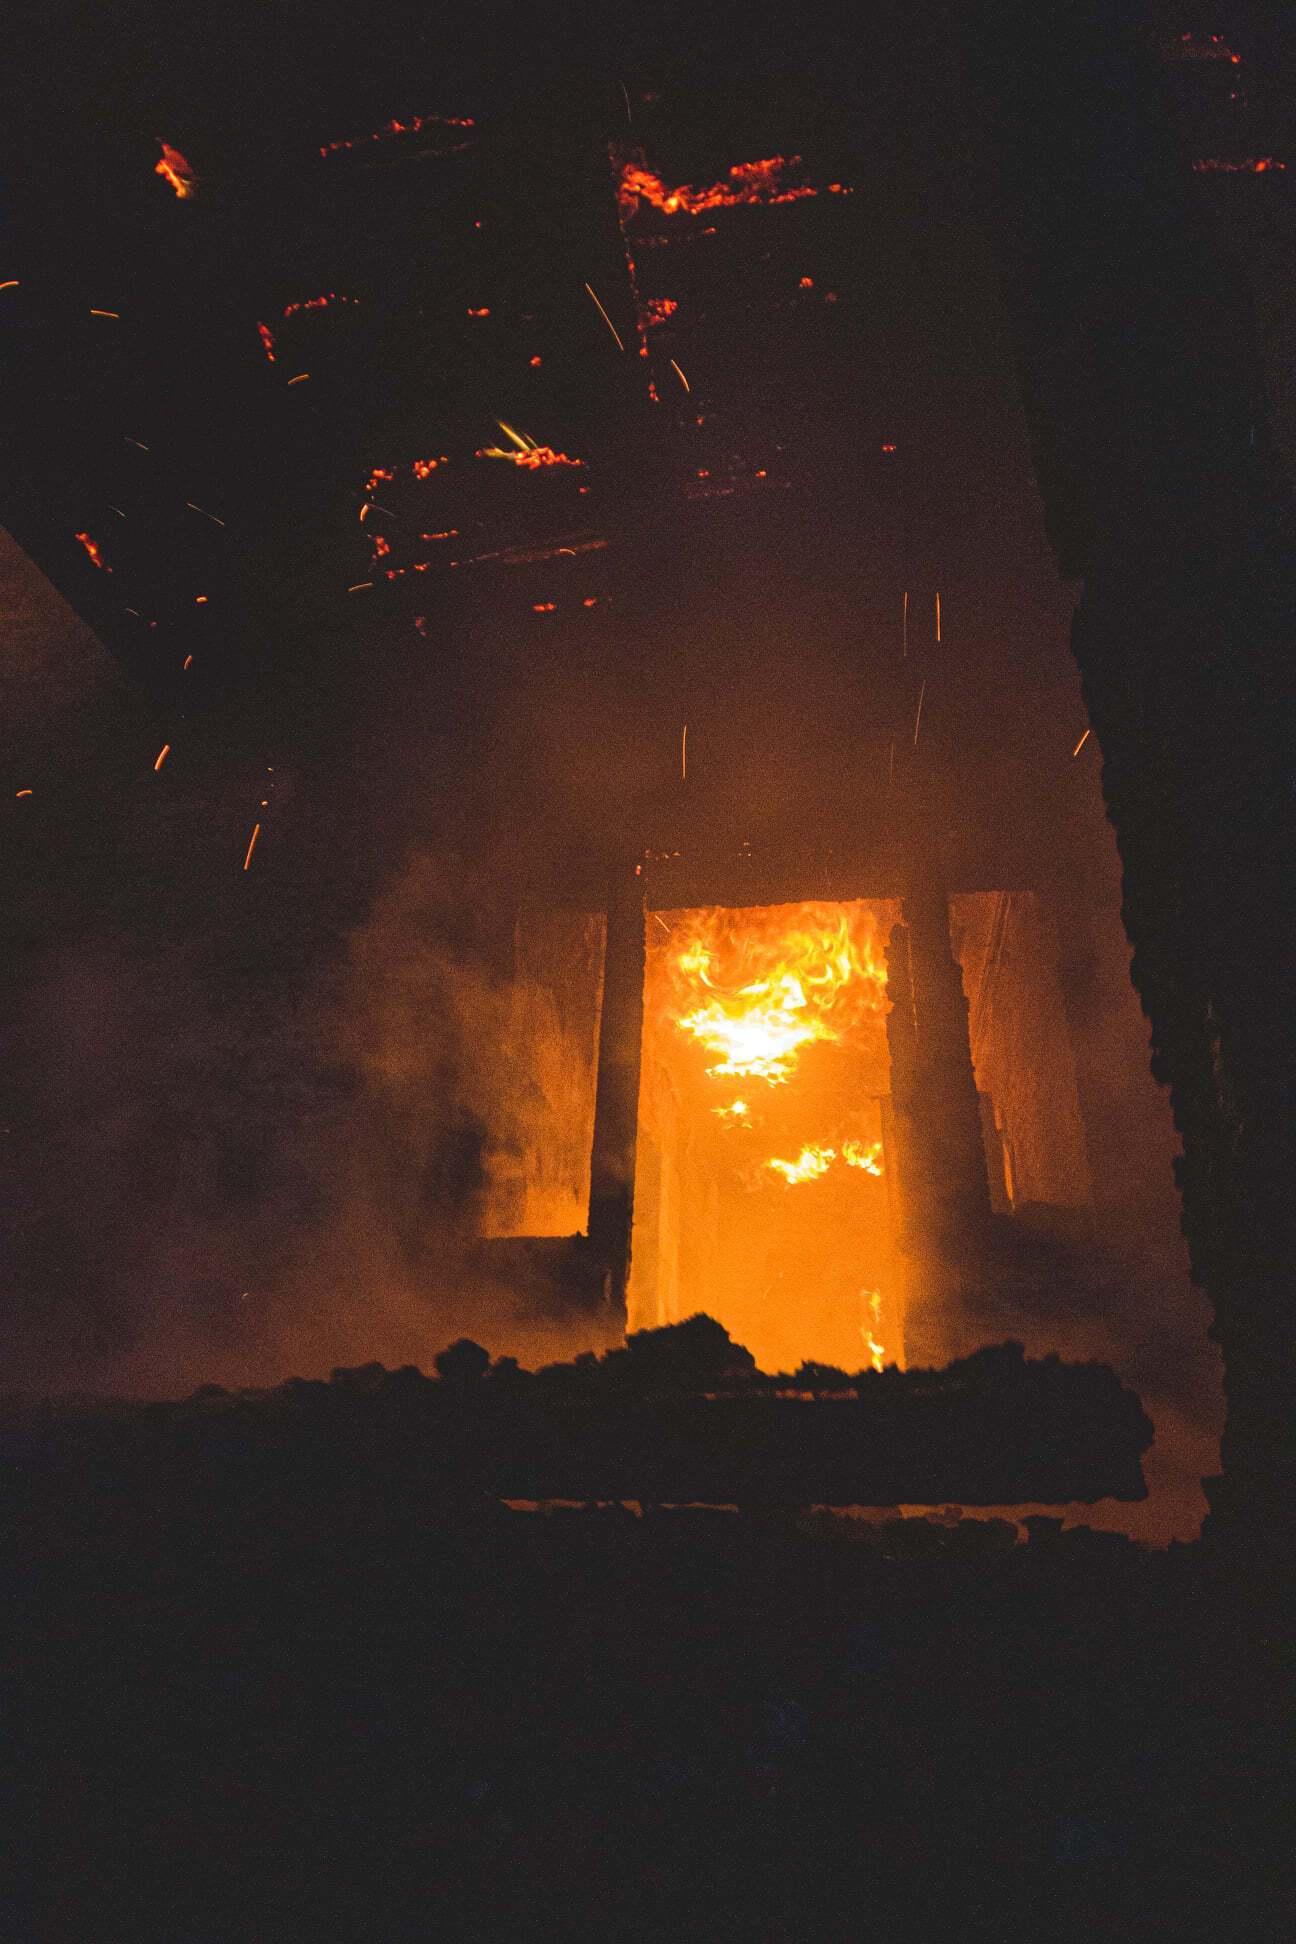 Гасіння пожежі в Києві ускладнювалося відсутністю водопостачання на місці НП